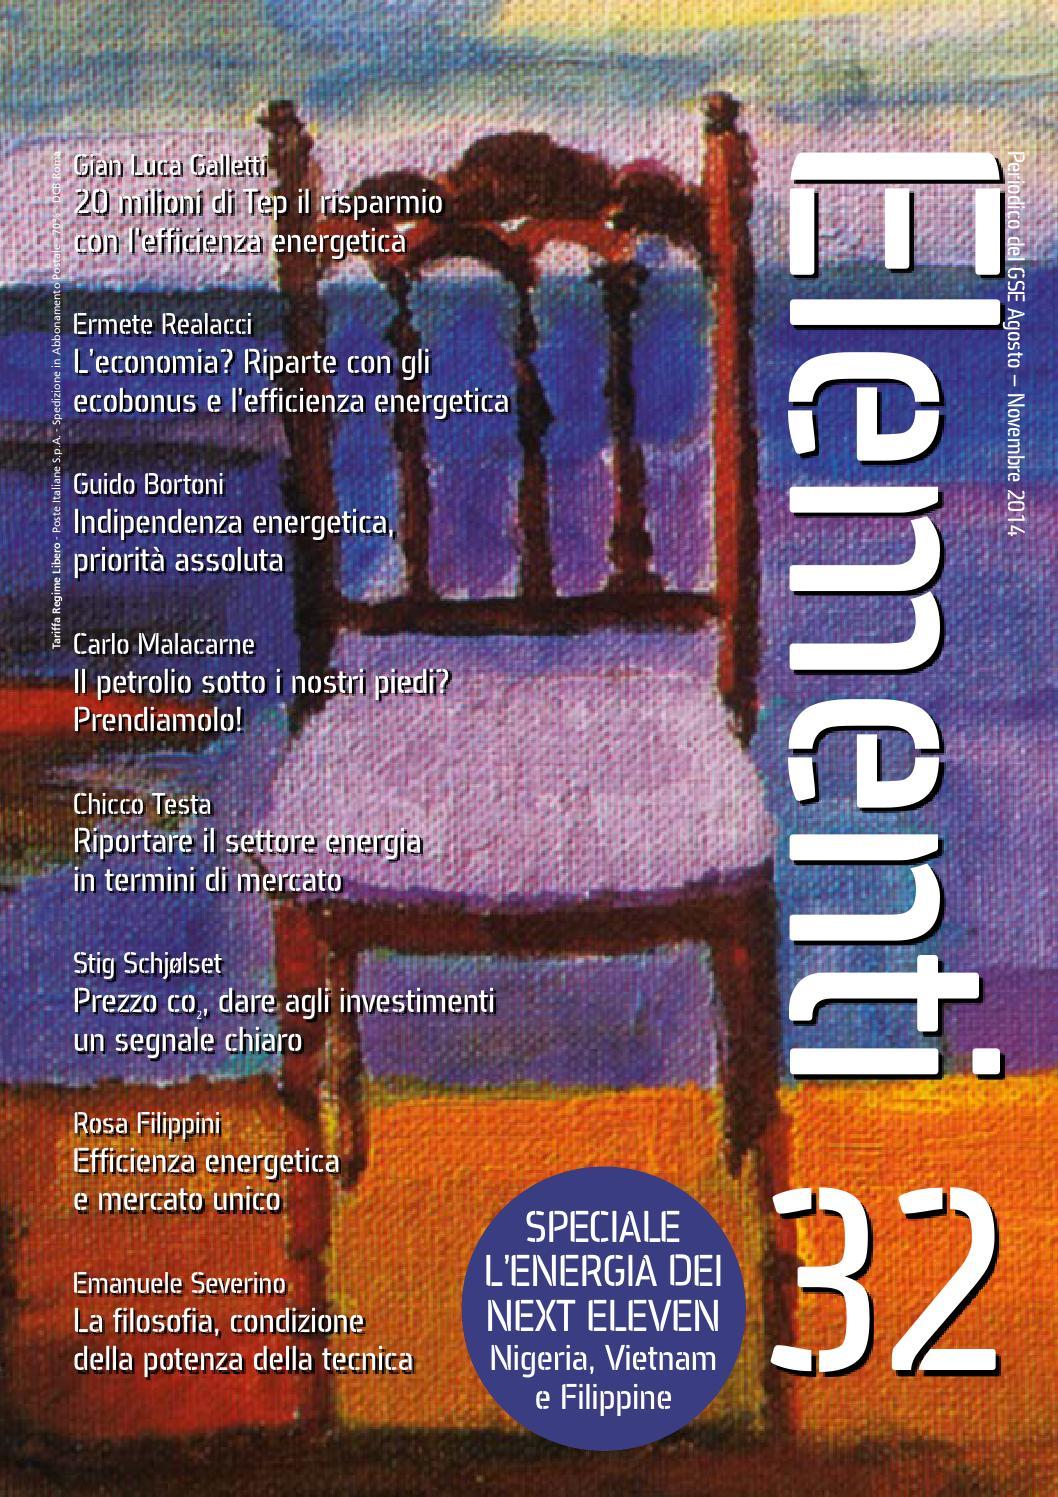 41ef5aad66b94 Elementi 32 - Agosto - Novembre 2014 by Gestore dei Servizi Energetici -  GSE S.p.A. - issuu